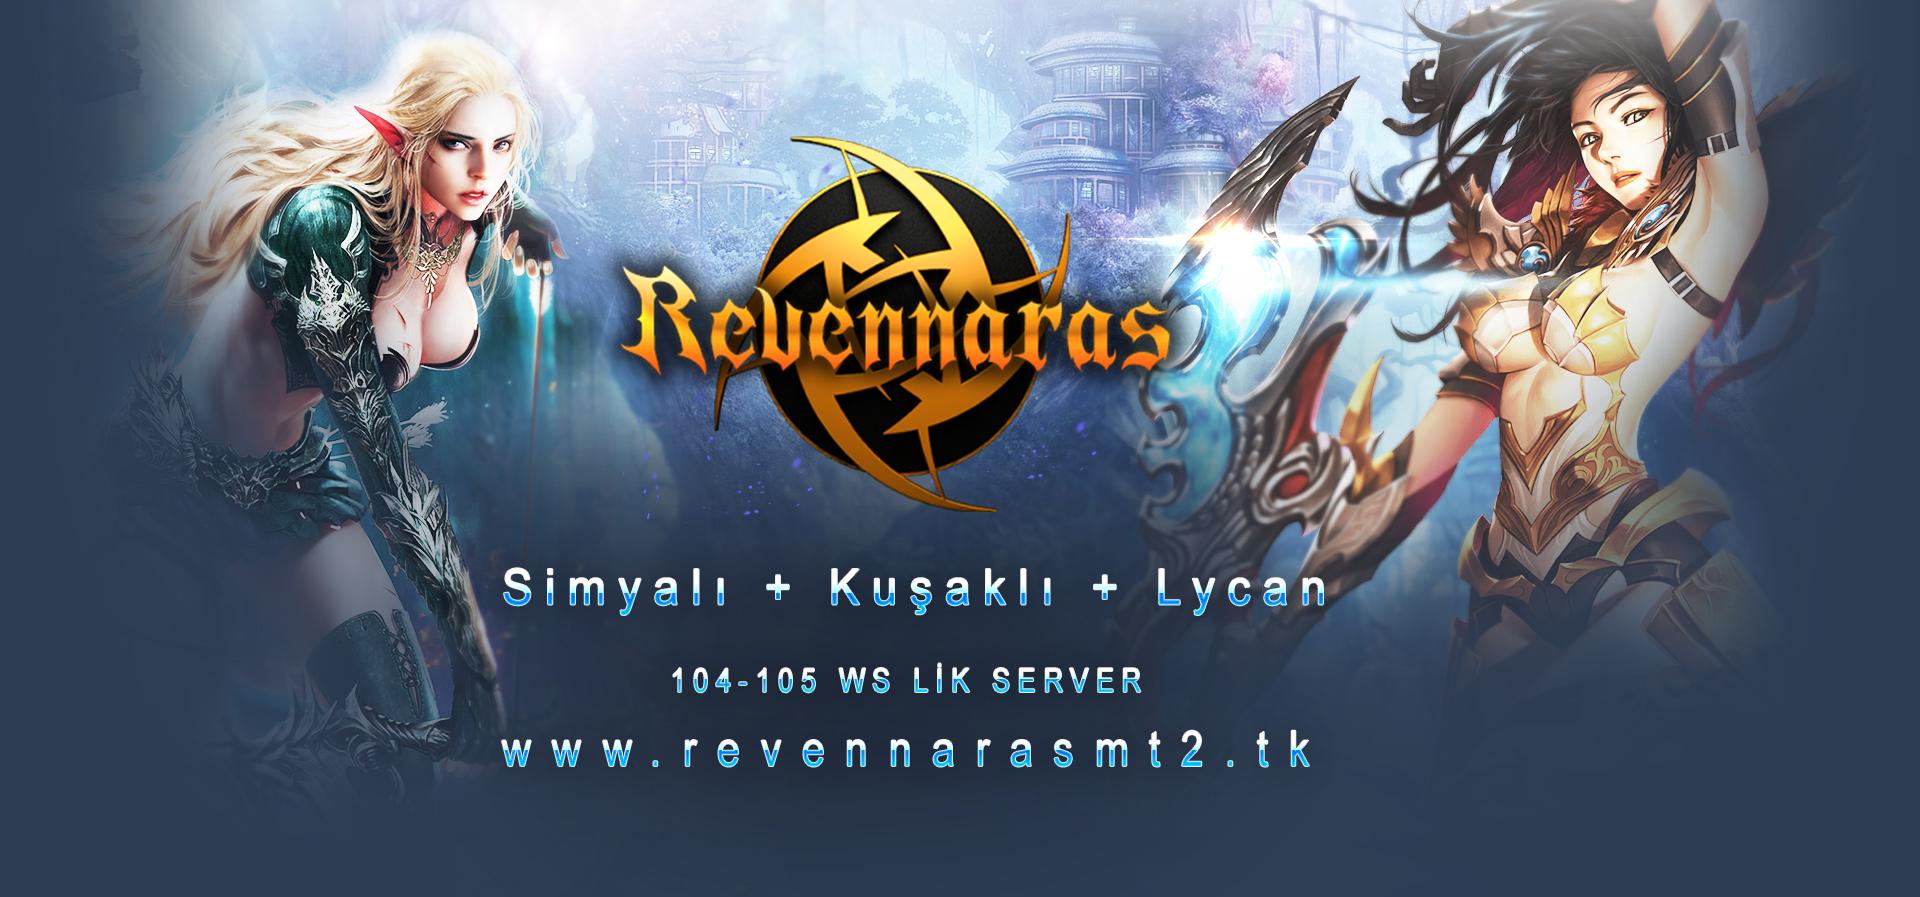 revennaras-banner.png